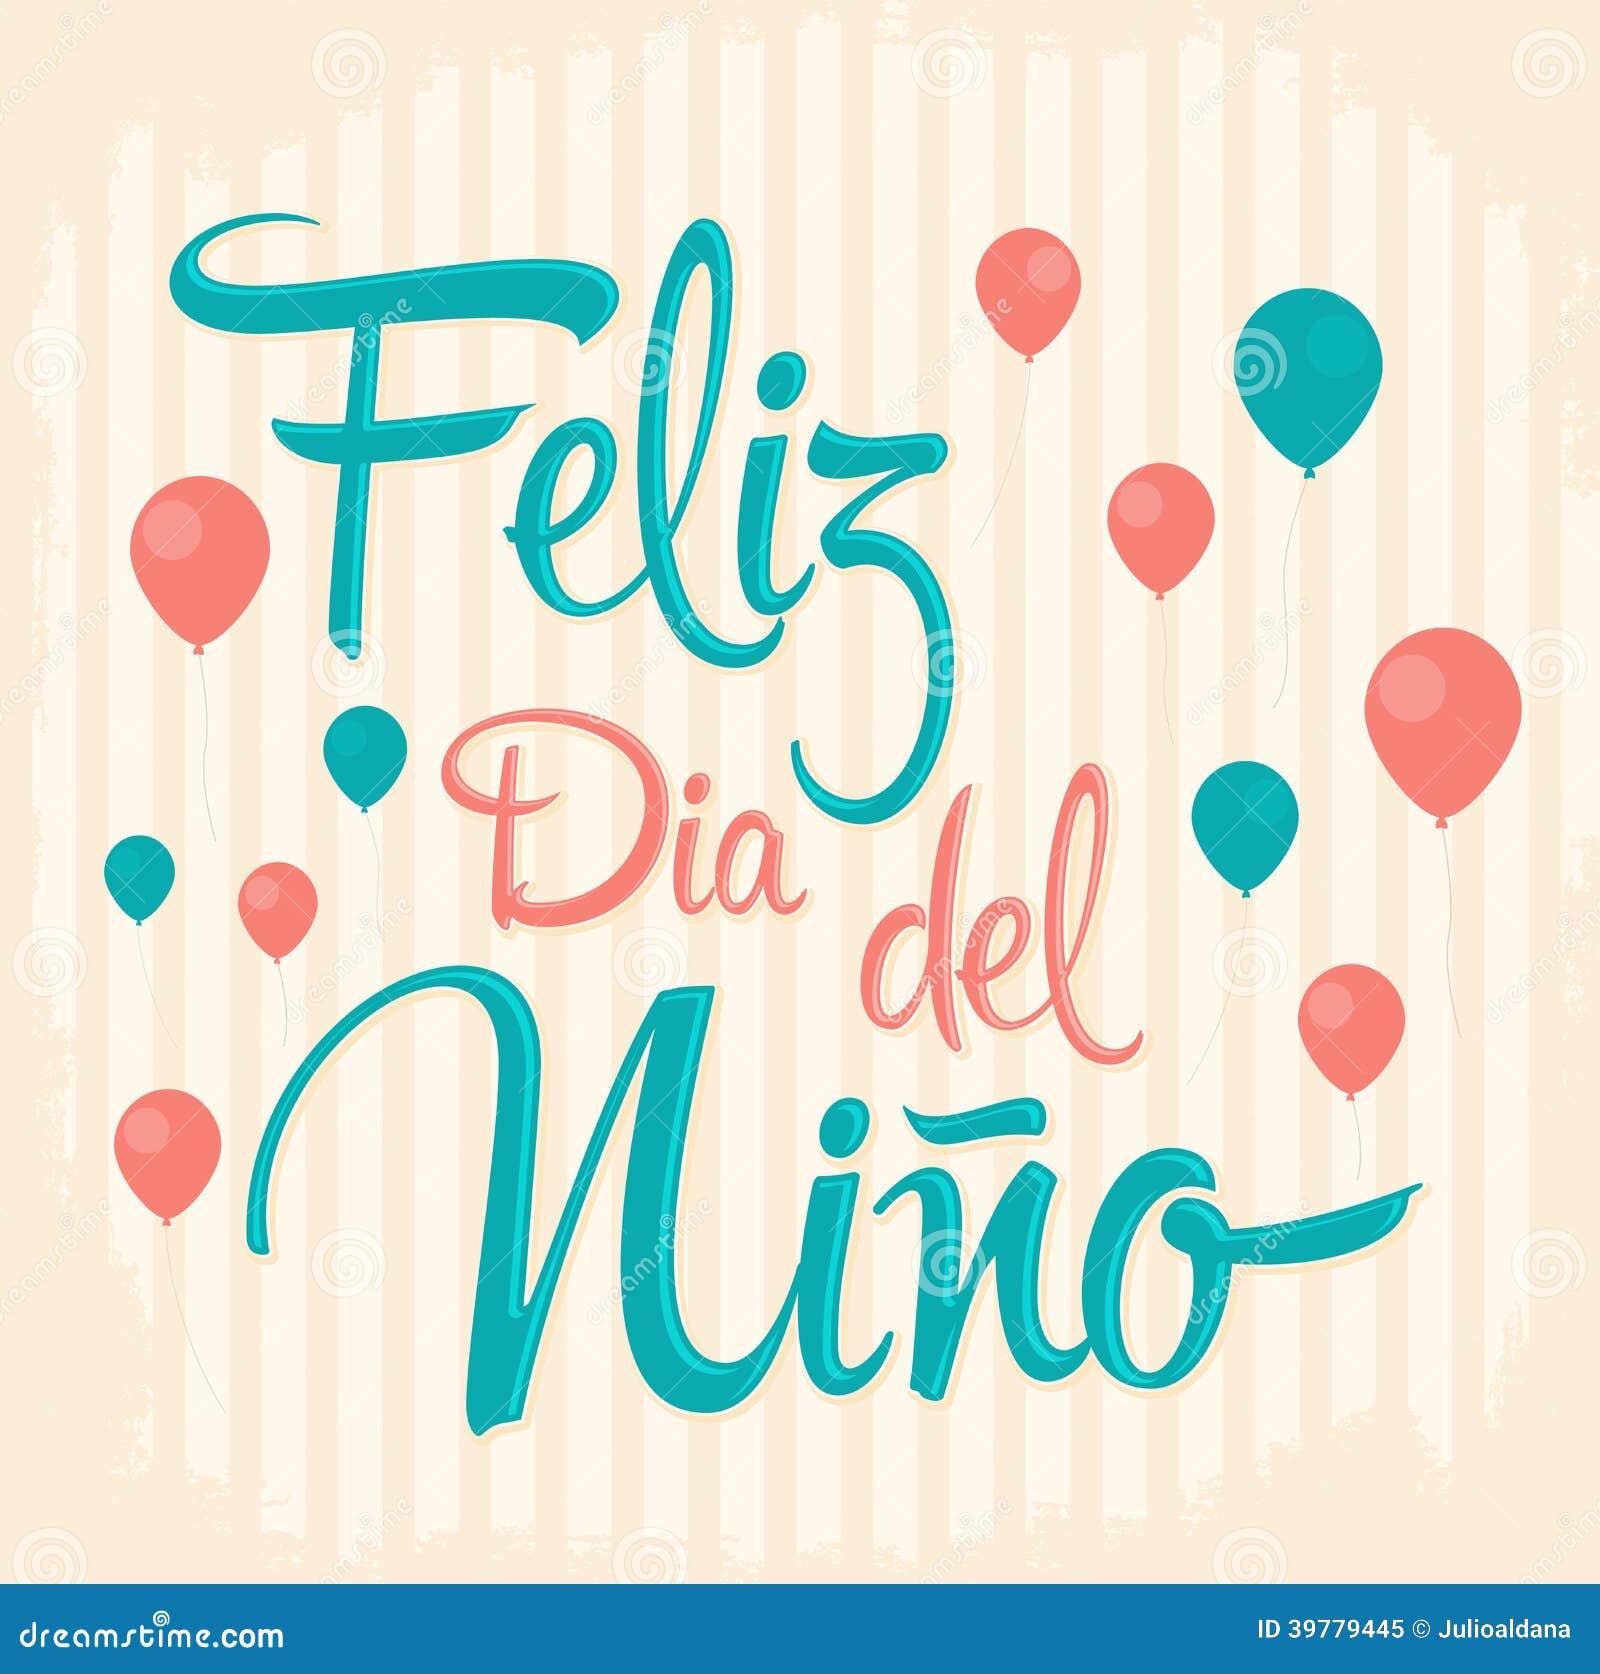 Feliz dia del nino happy children day text in spanish for Decoracion para pared dia de la madre